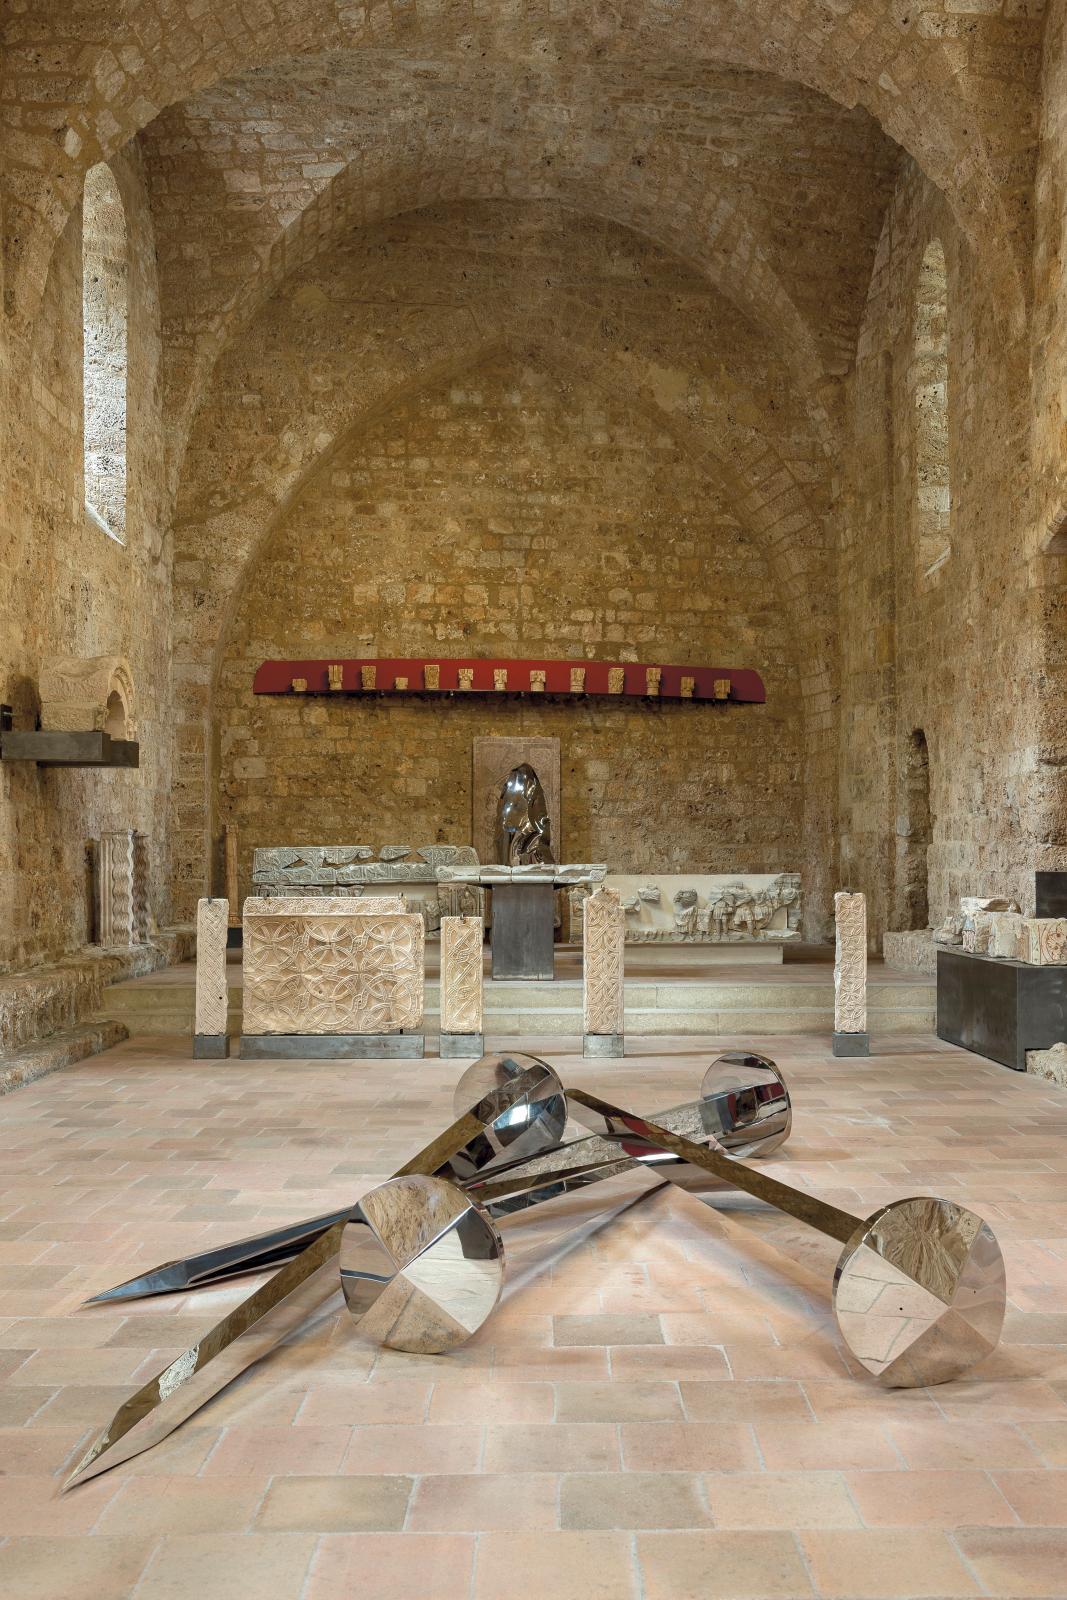 Yazid Oulab, Clous, 2012, acier inox poli, longueur 300cm (en arrière-plan: Monolithe, 2013, acier inox martelé poli, 206x80x37cm), 7eédition